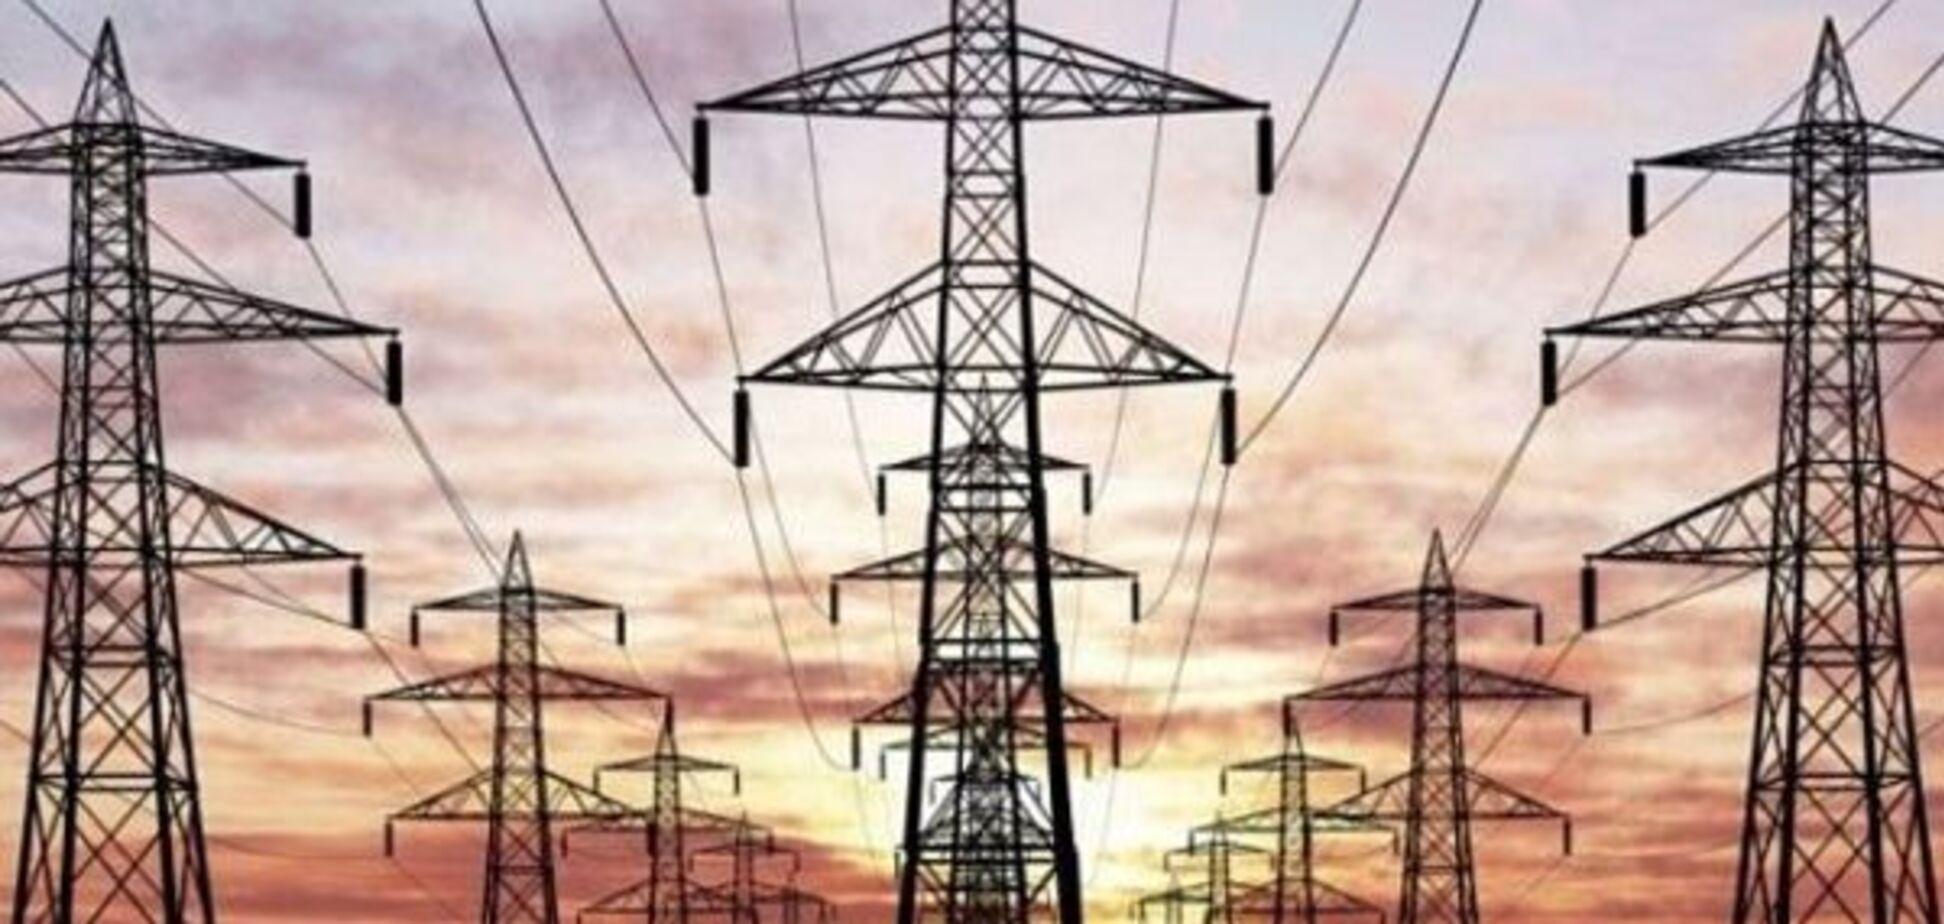 RAB-тарифи не позначилися на вартості електроенергії, а встановили чіткі вимоги до якості електропостачання, – експерт